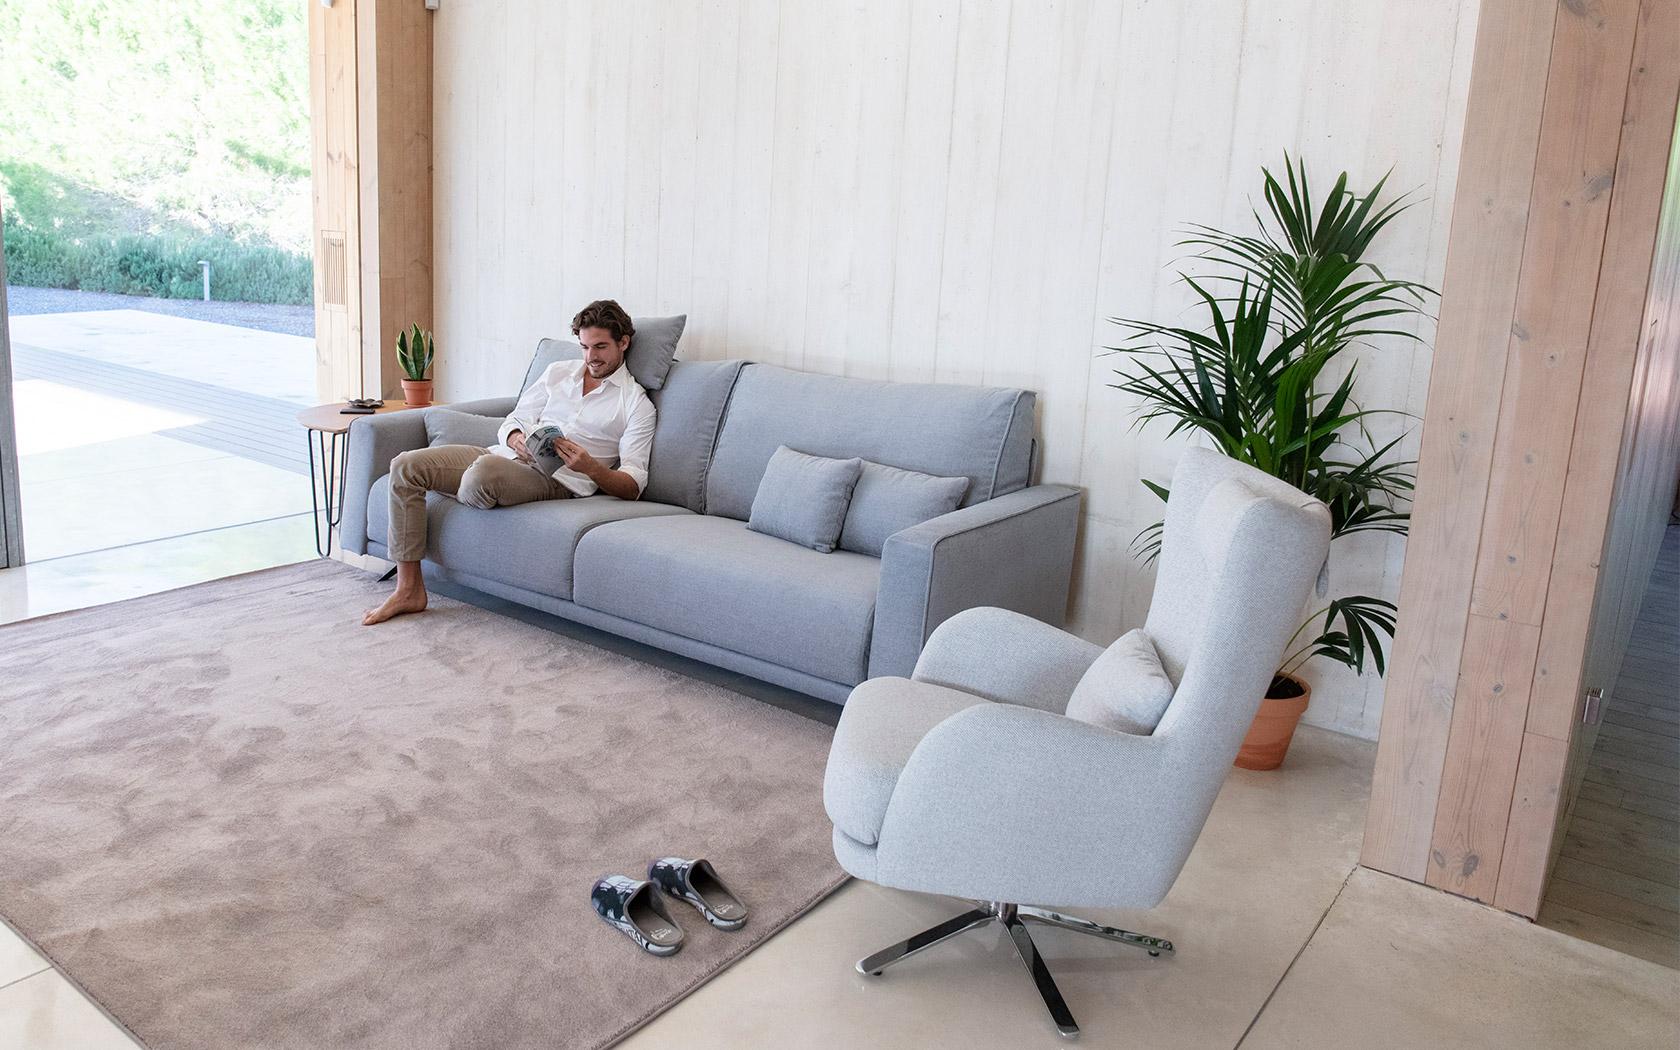 Kylian sofa 2021 02